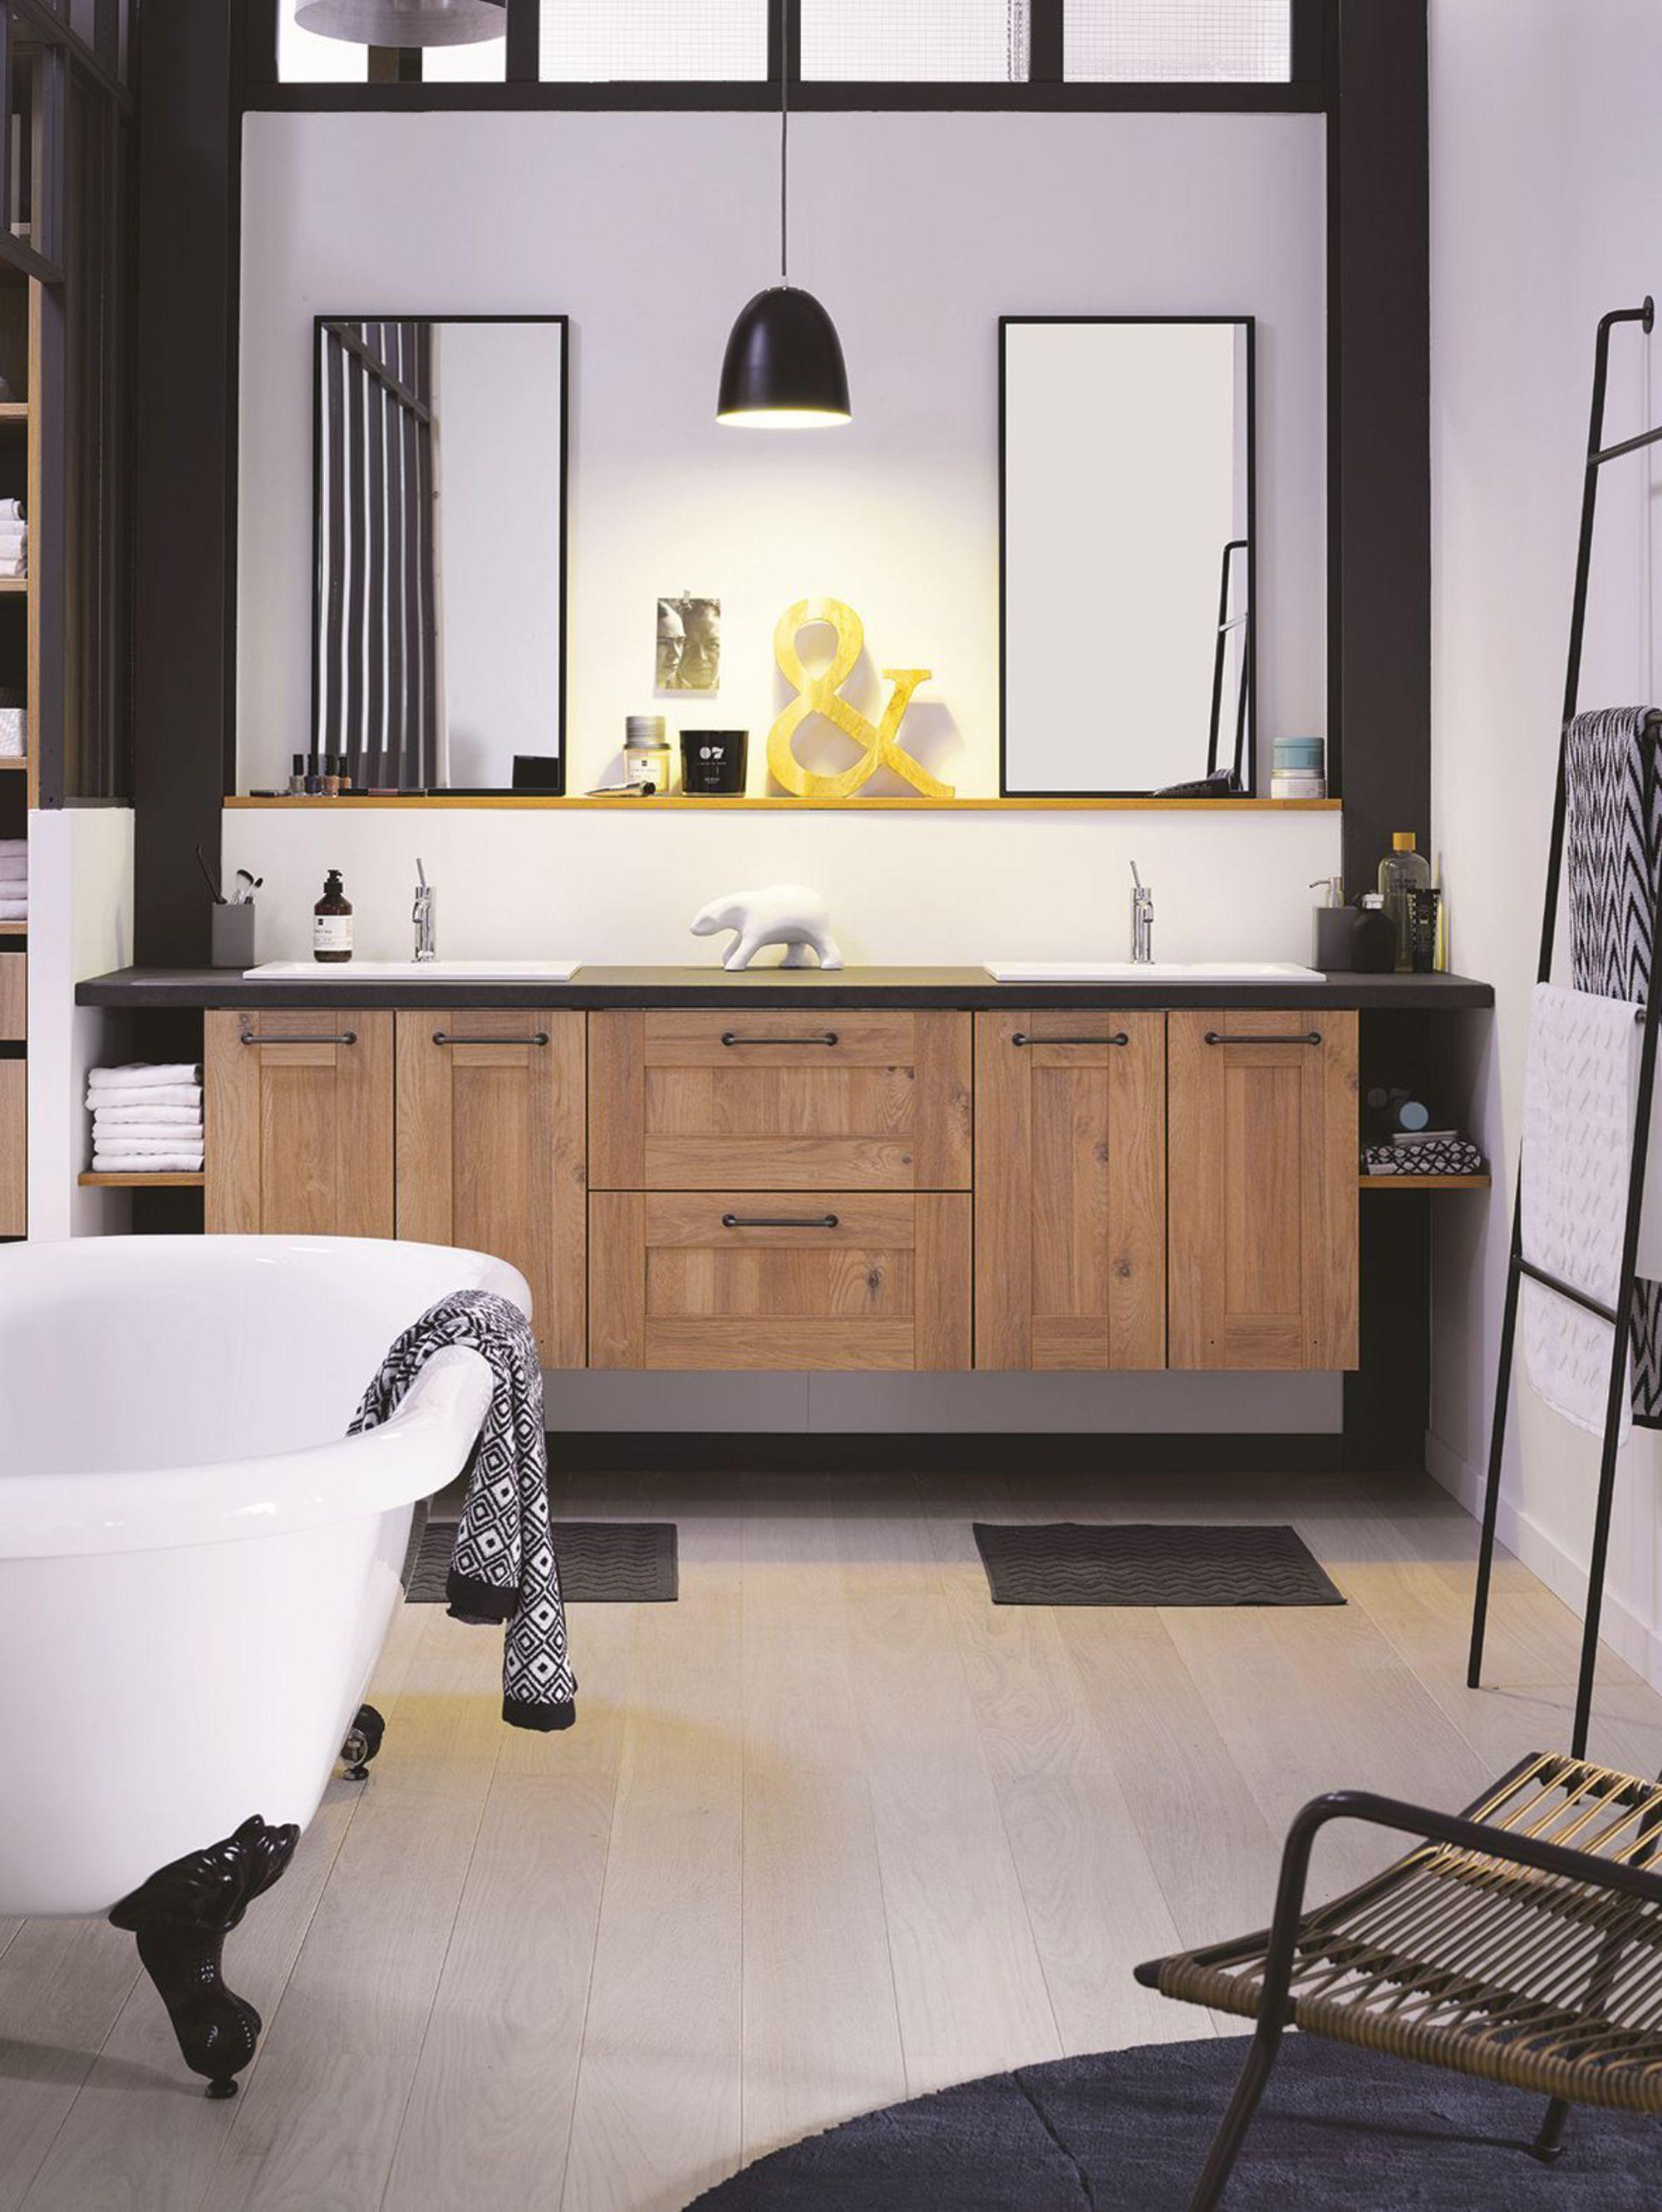 Epingle Par Kio Zzaa Sur Bathroom Meuble Salle De Bain Meuble Vasque Salle De Bain Tendance